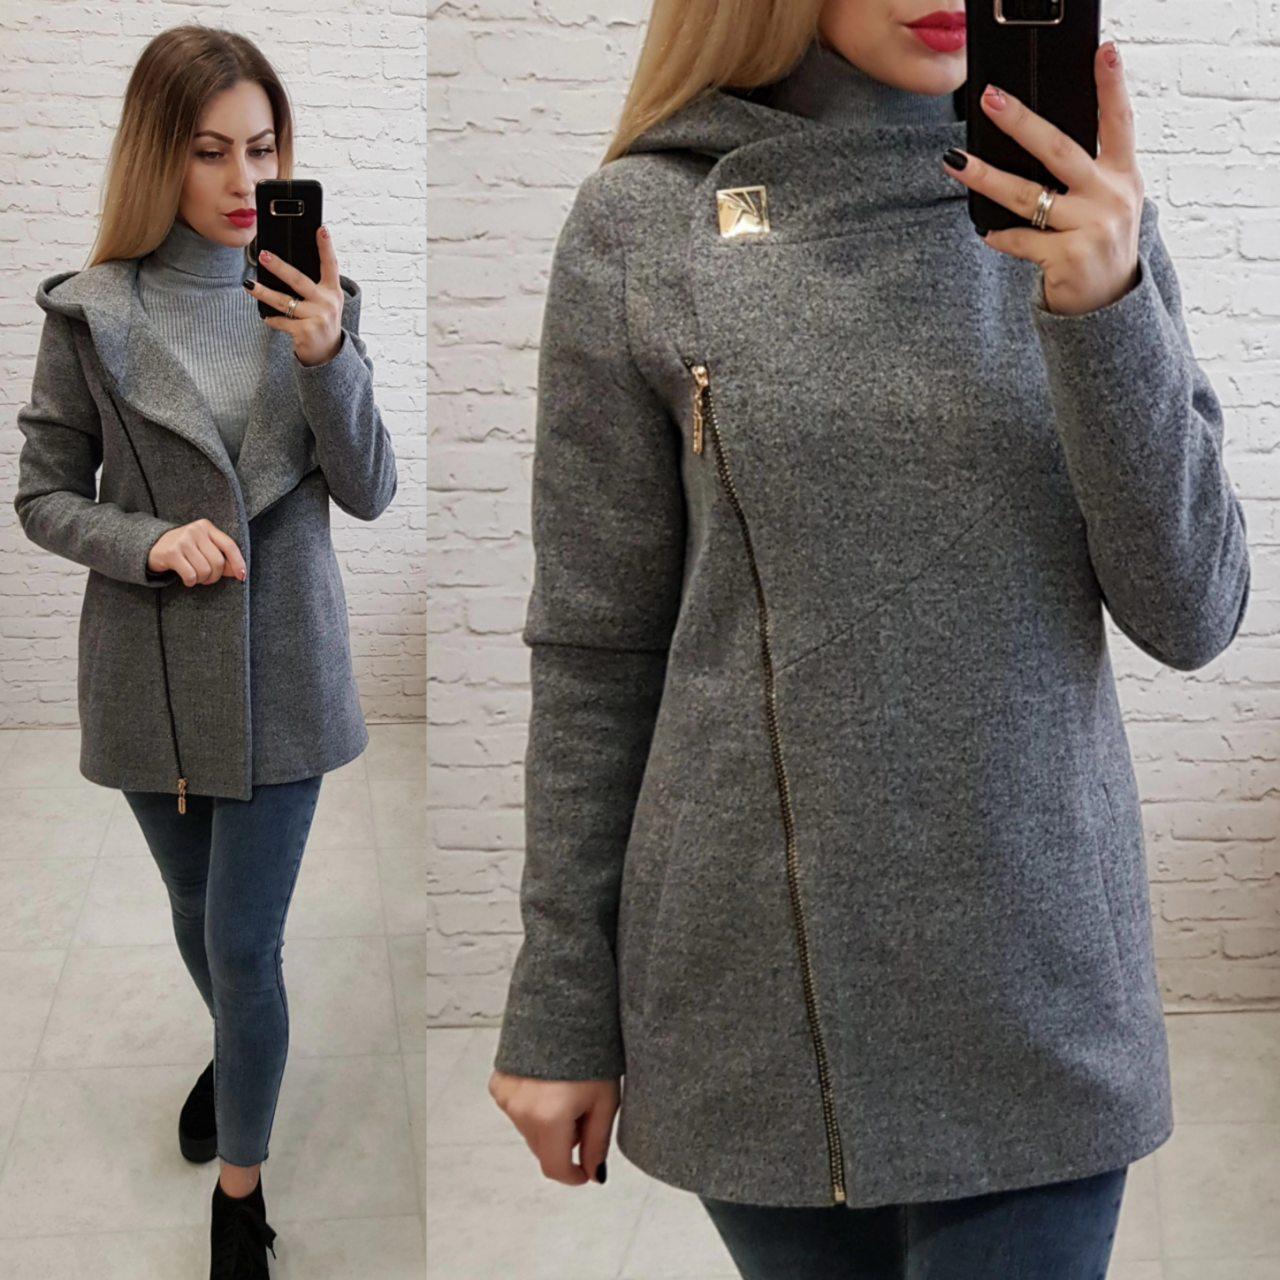 Пальто кашемировое с капюшоном, модель 156, цвет - серый